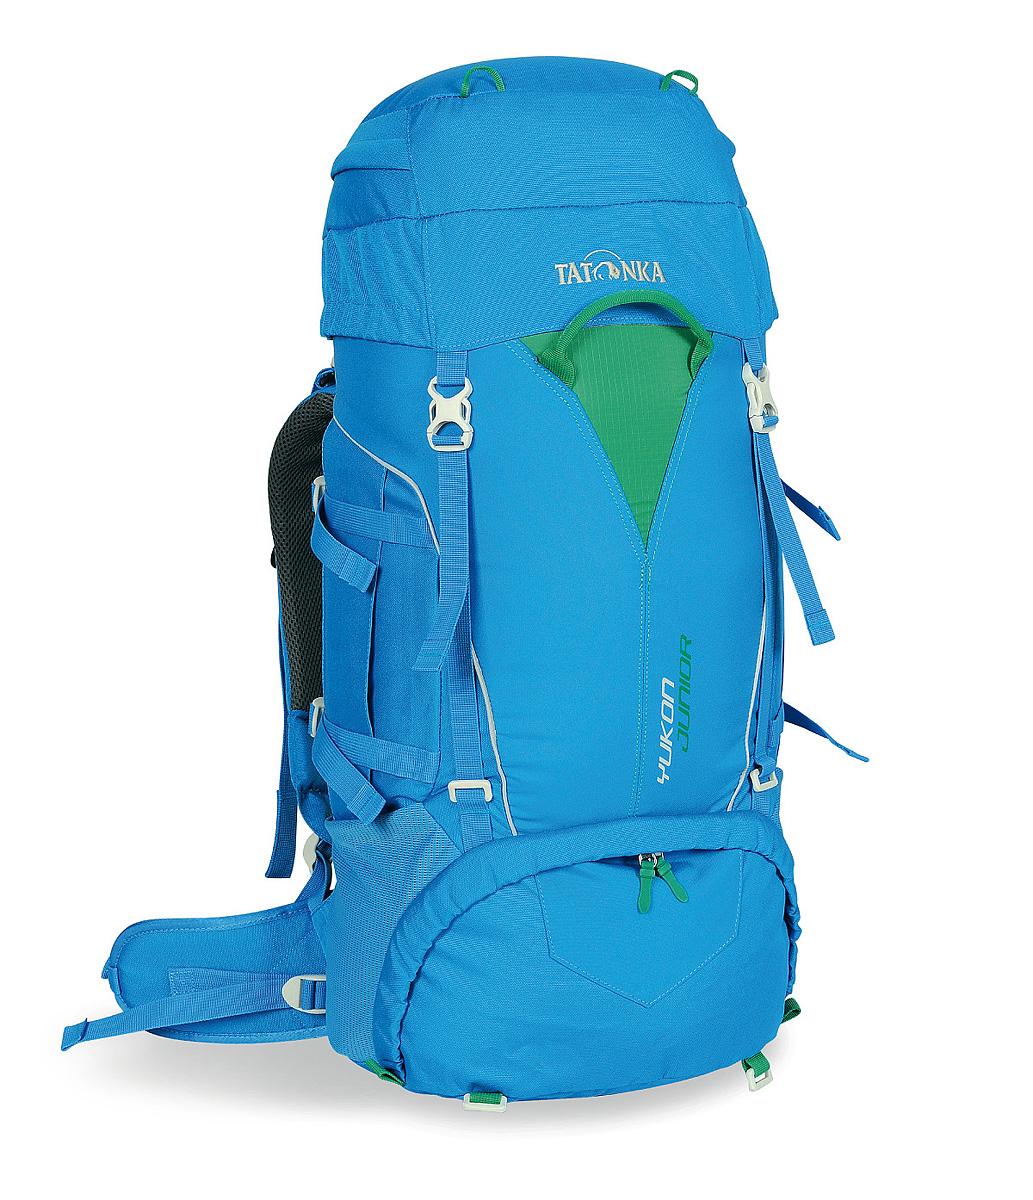 Детский походный рюкзак Tatonka Yukon Junior, цвет: синий, 27л1410.194Детский походный рюкзак с оптимальными параметрами для размещения необходимых вещей